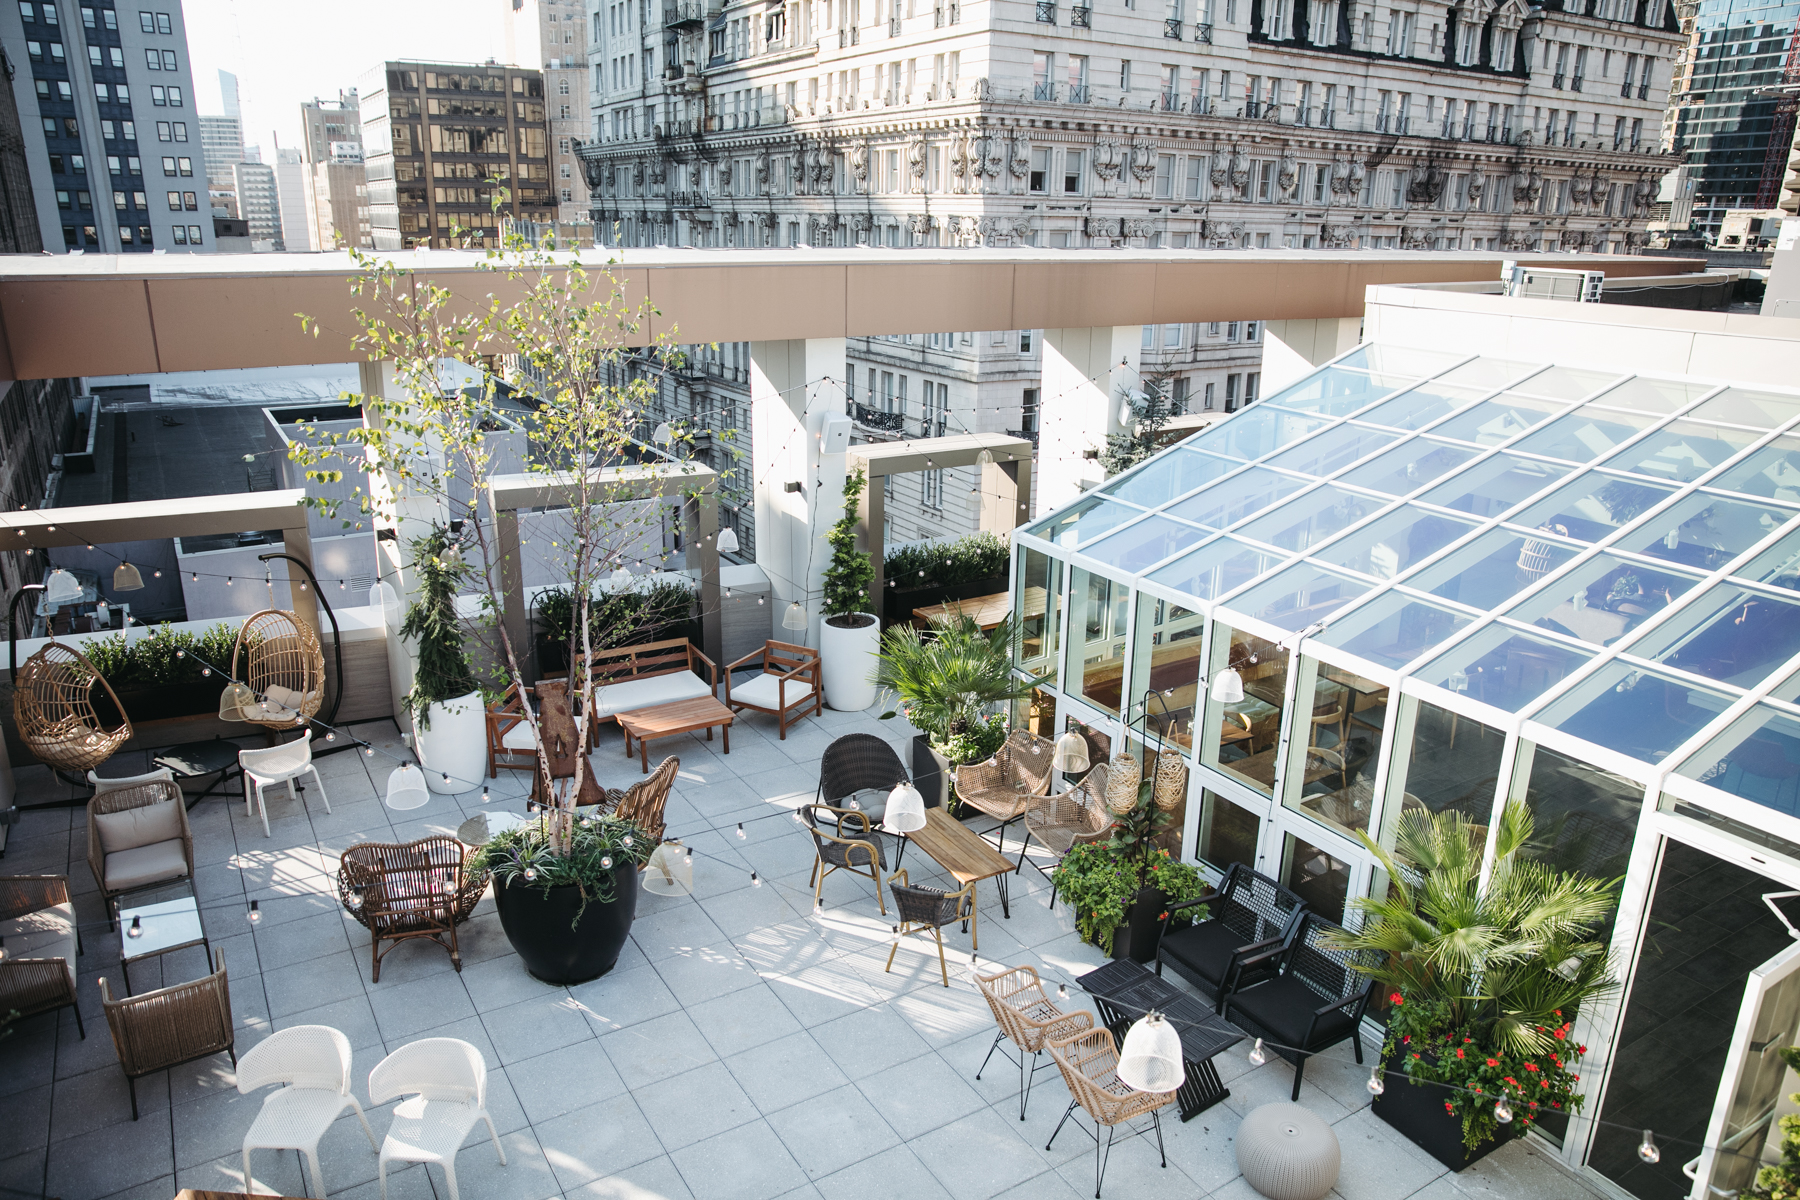 Attico Rooftop